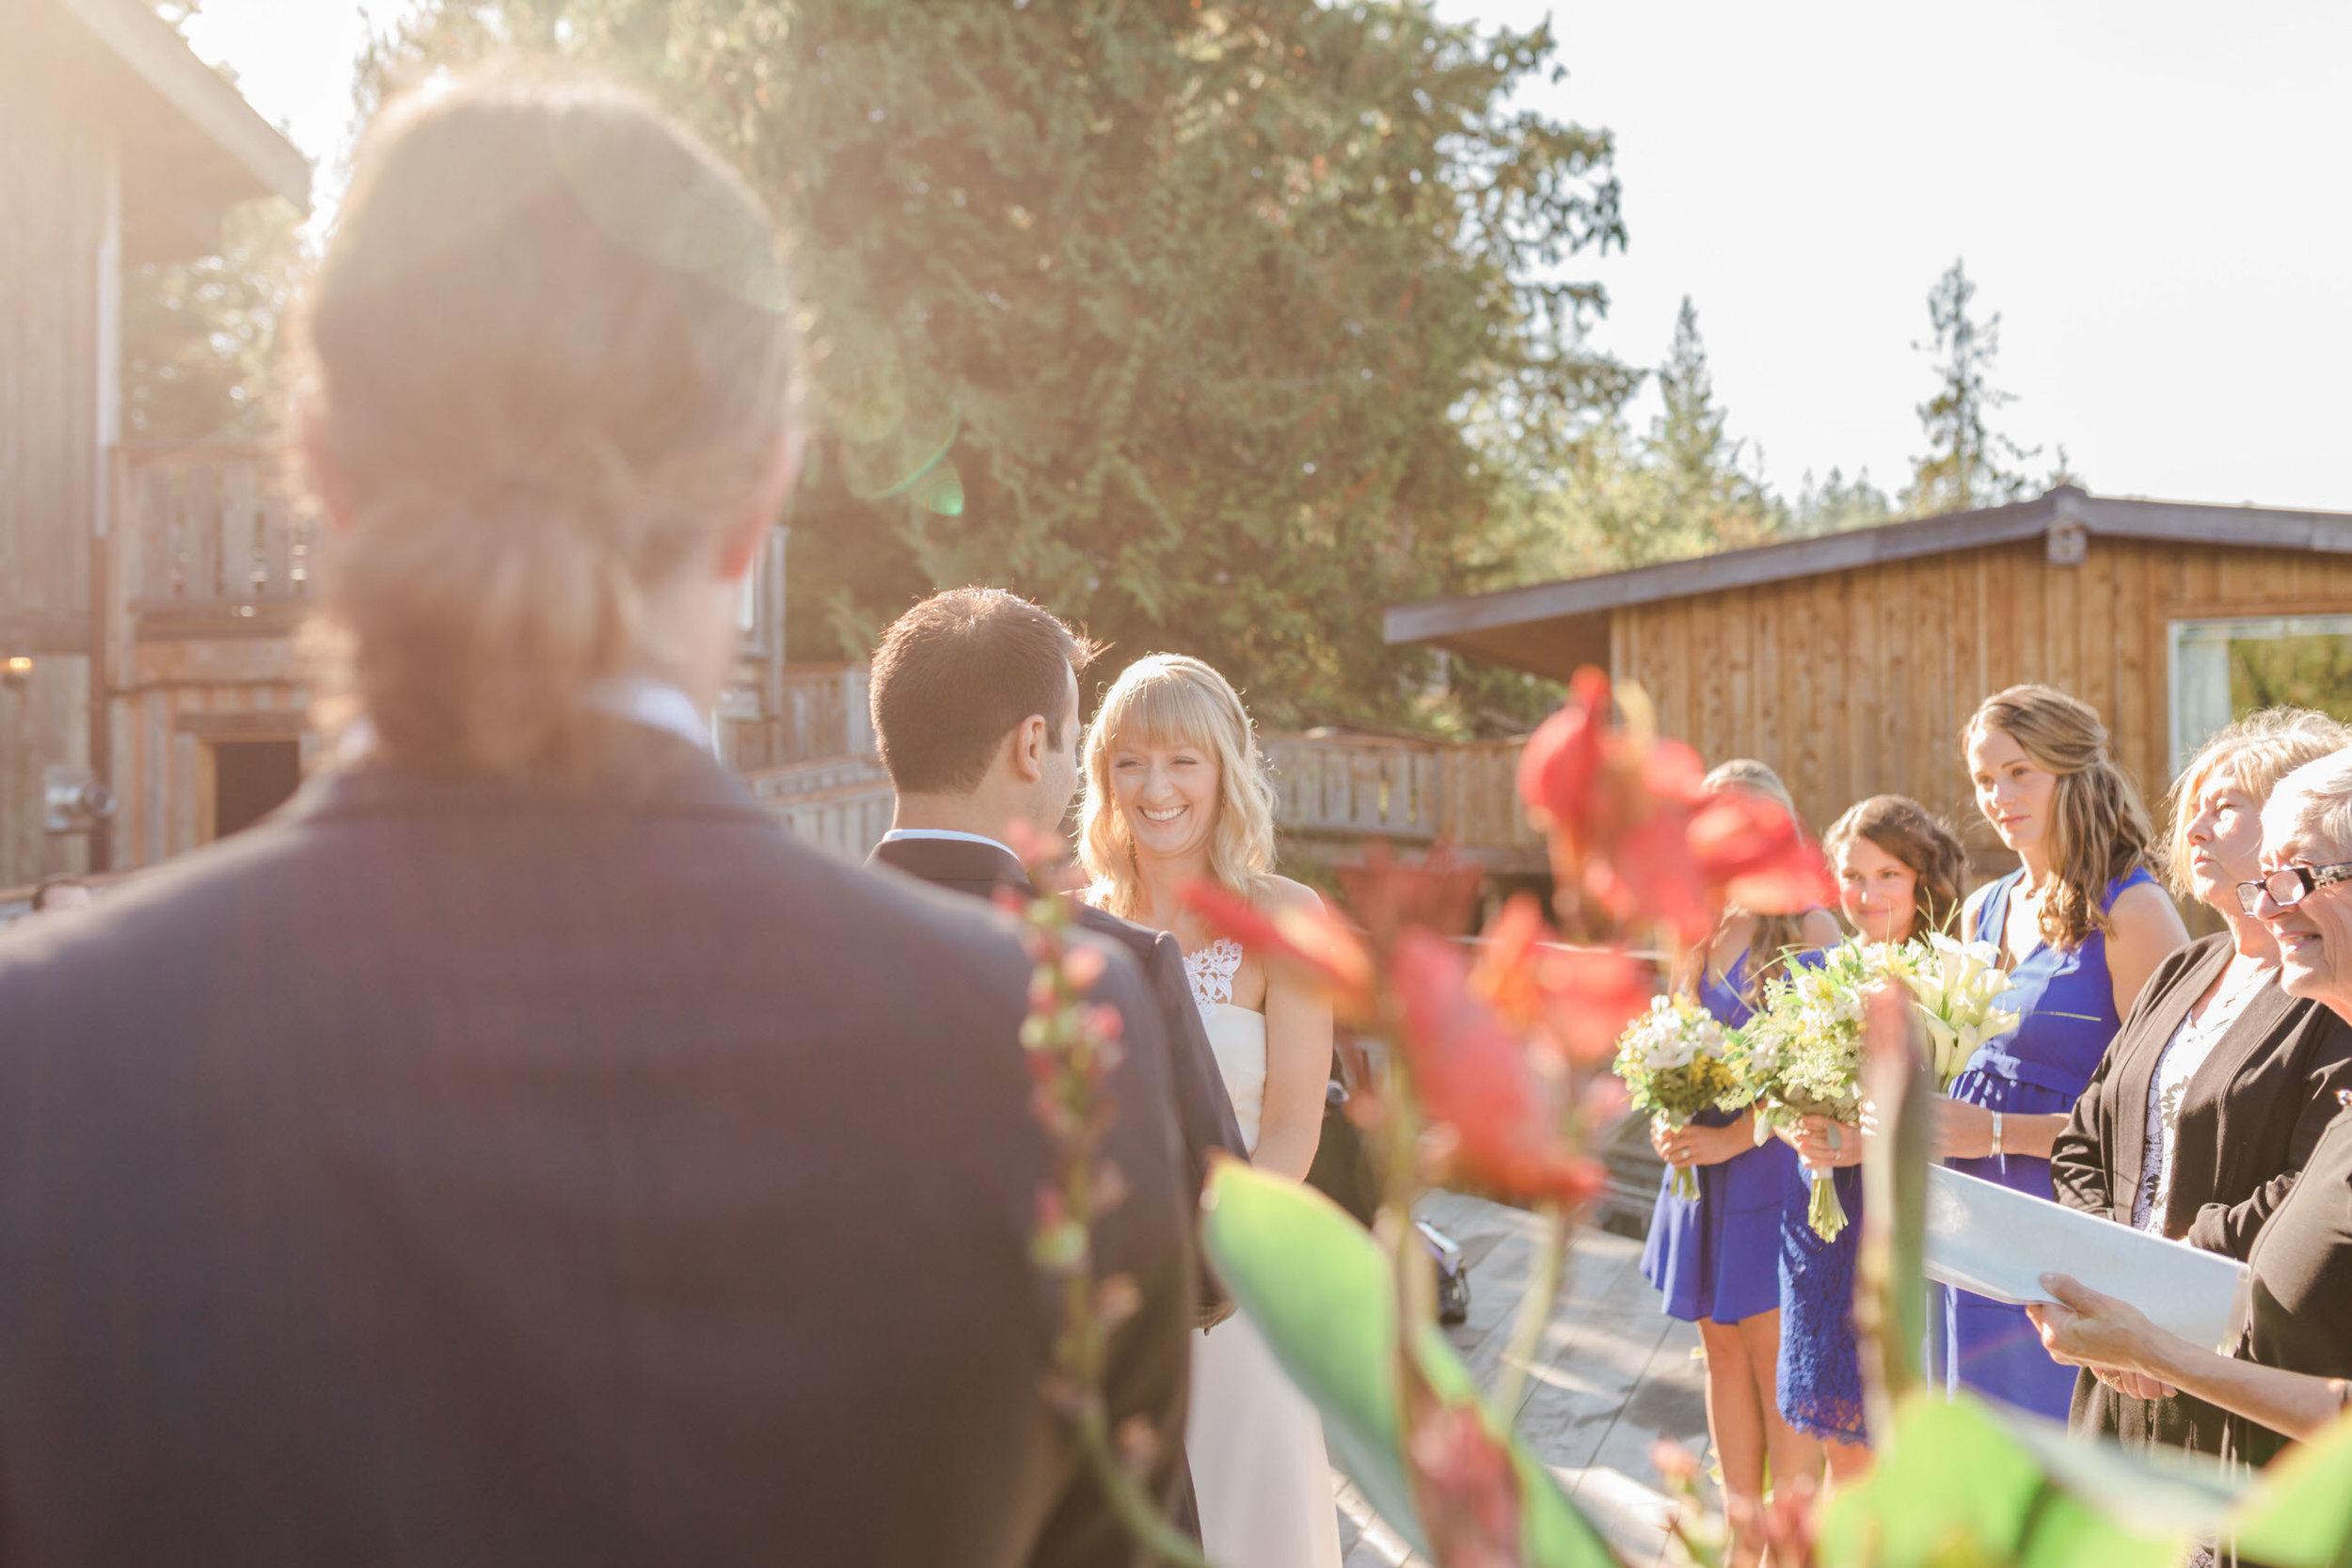 Sunshine Coast Wedding Photographer - Vancouver Wedding Photographer - West Coast Wilderness Lodge Wedding - Jennifer Picard Photography - IMG_6772.jpg